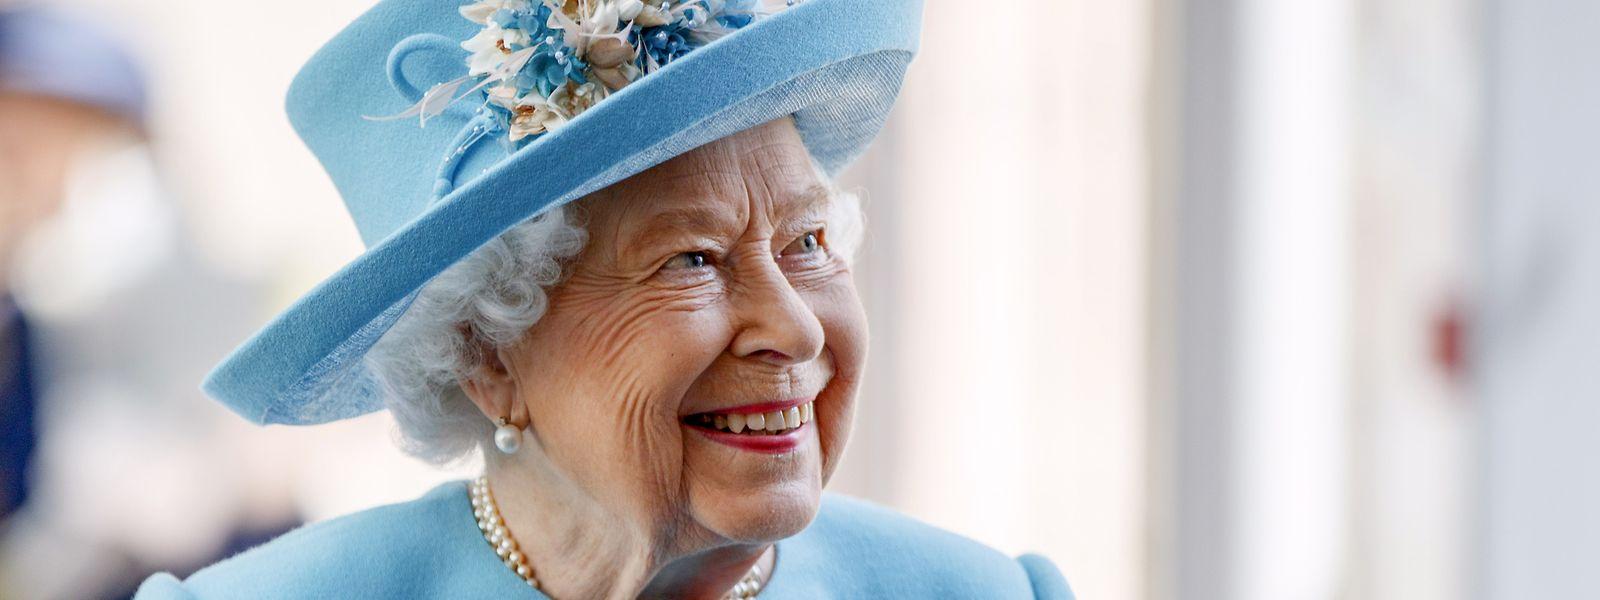 Königin Elizabeth II. von Großbritannien: Die Queen feiert am 21.April ihren 94. Geburtstag.